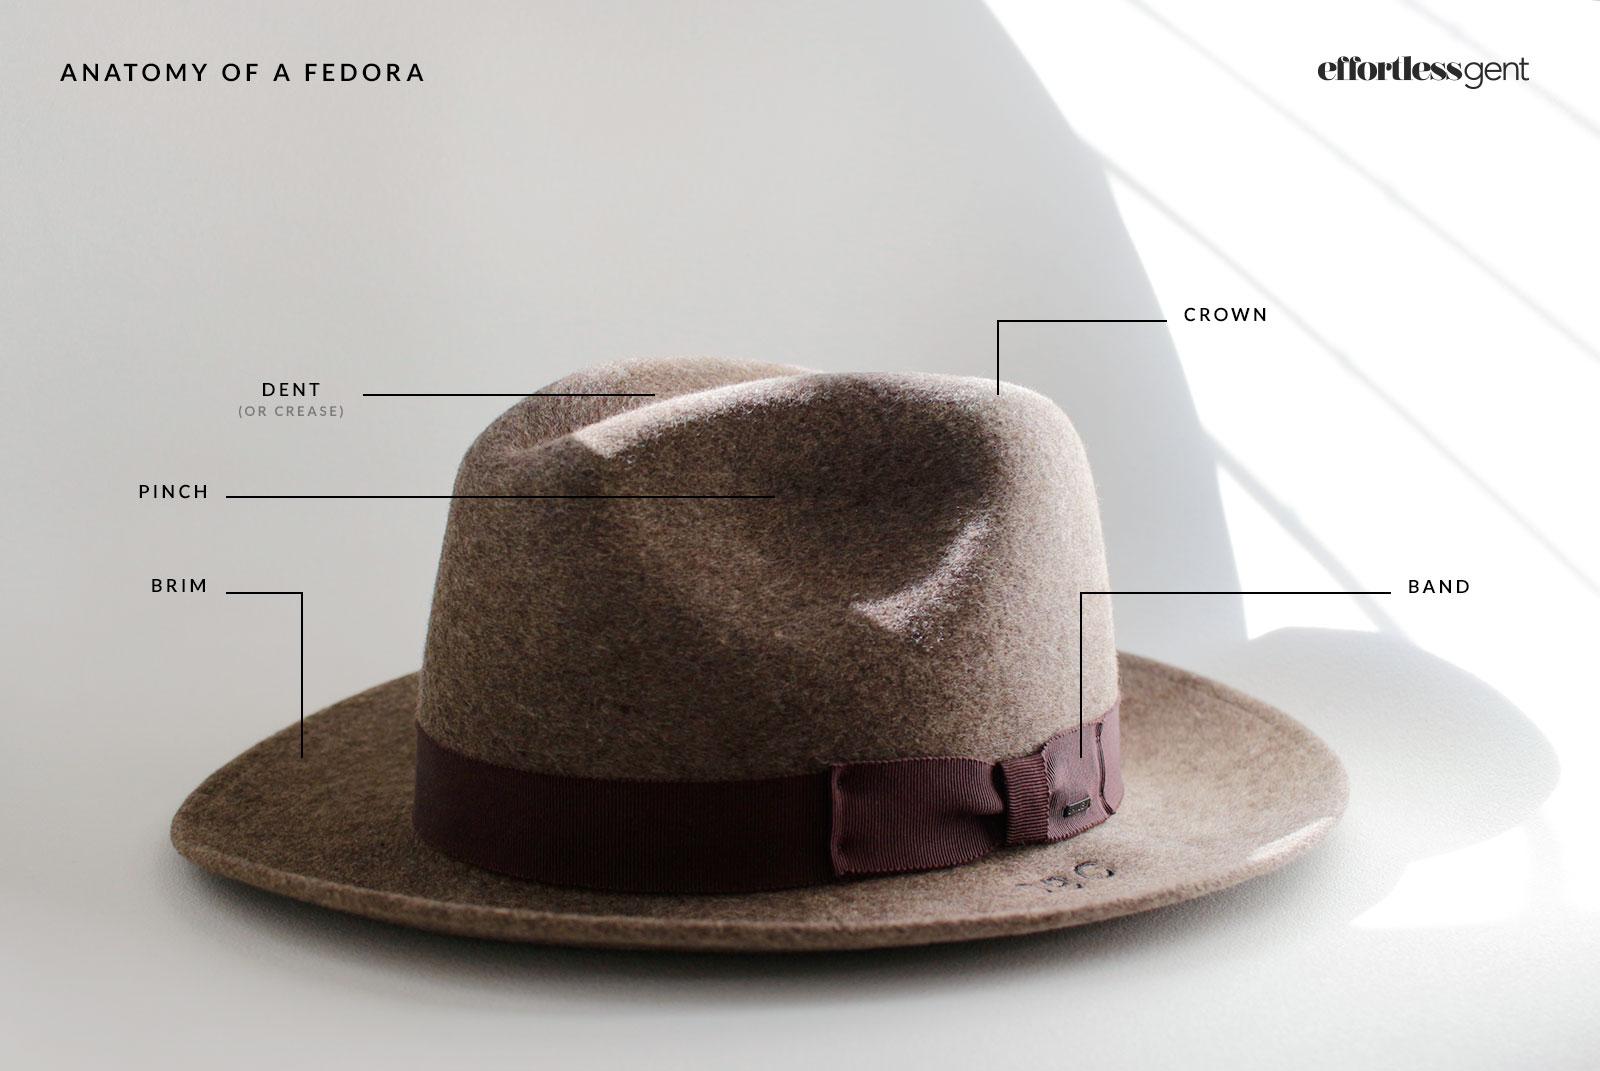 Anatomie d'un Fedora - Tout ce que vous devez savoir sur les Fedoras